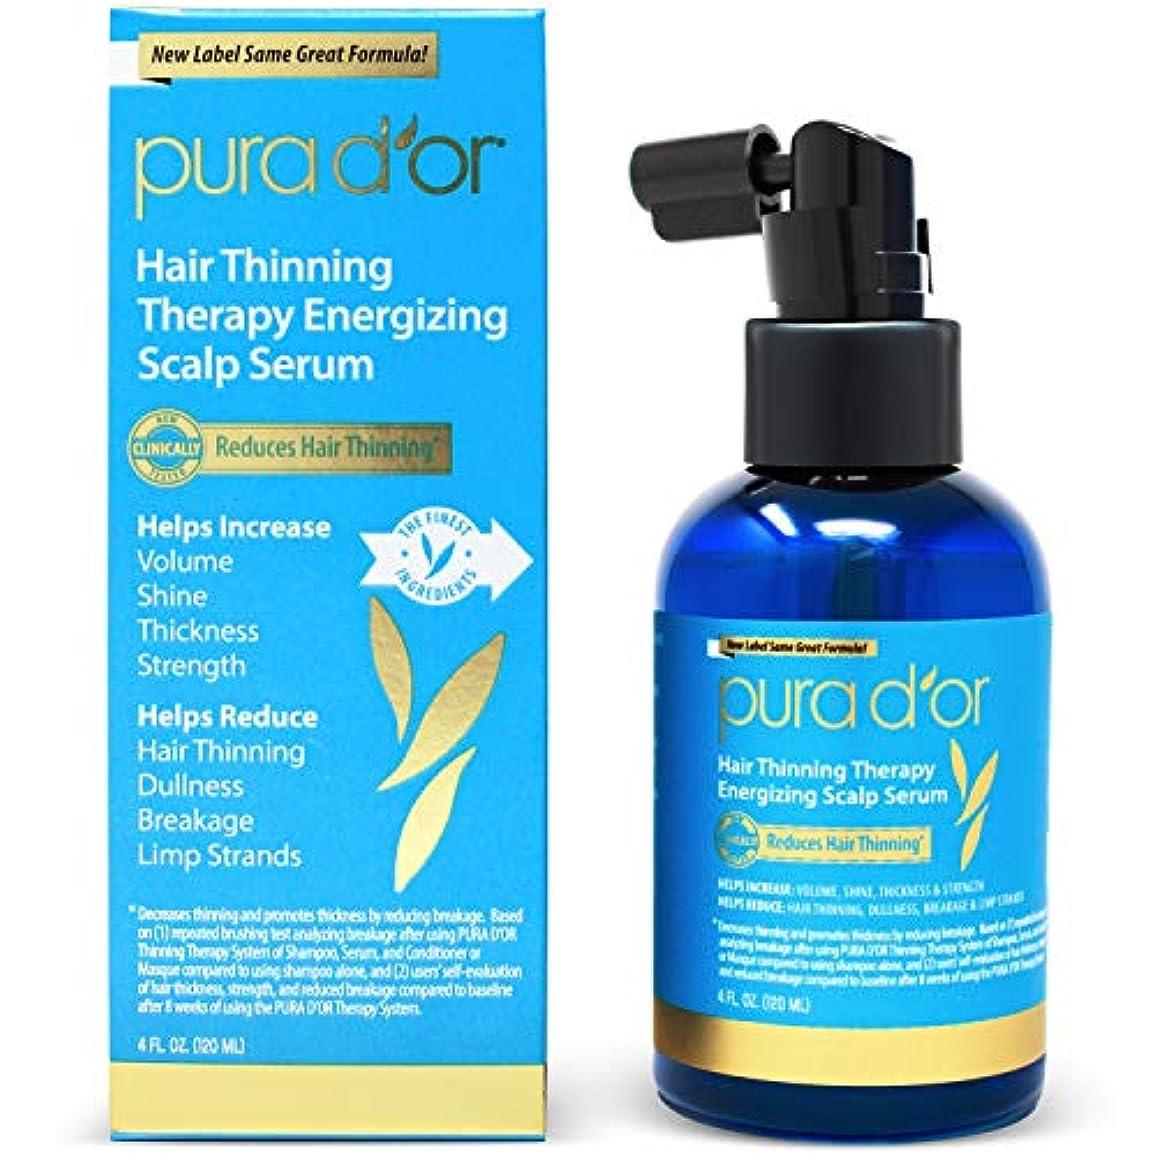 傾向輝く七時半PURA D'OR 薄毛対策 セラピー 活性化 頭皮 セラム リバイタライザー (120ml 4オンス) 有効成分 アルガンオイル、ビオチン、カフェイン、幹細胞、カタラーゼとDhtブロッカー、全てのヘアタイプに、男性 &...